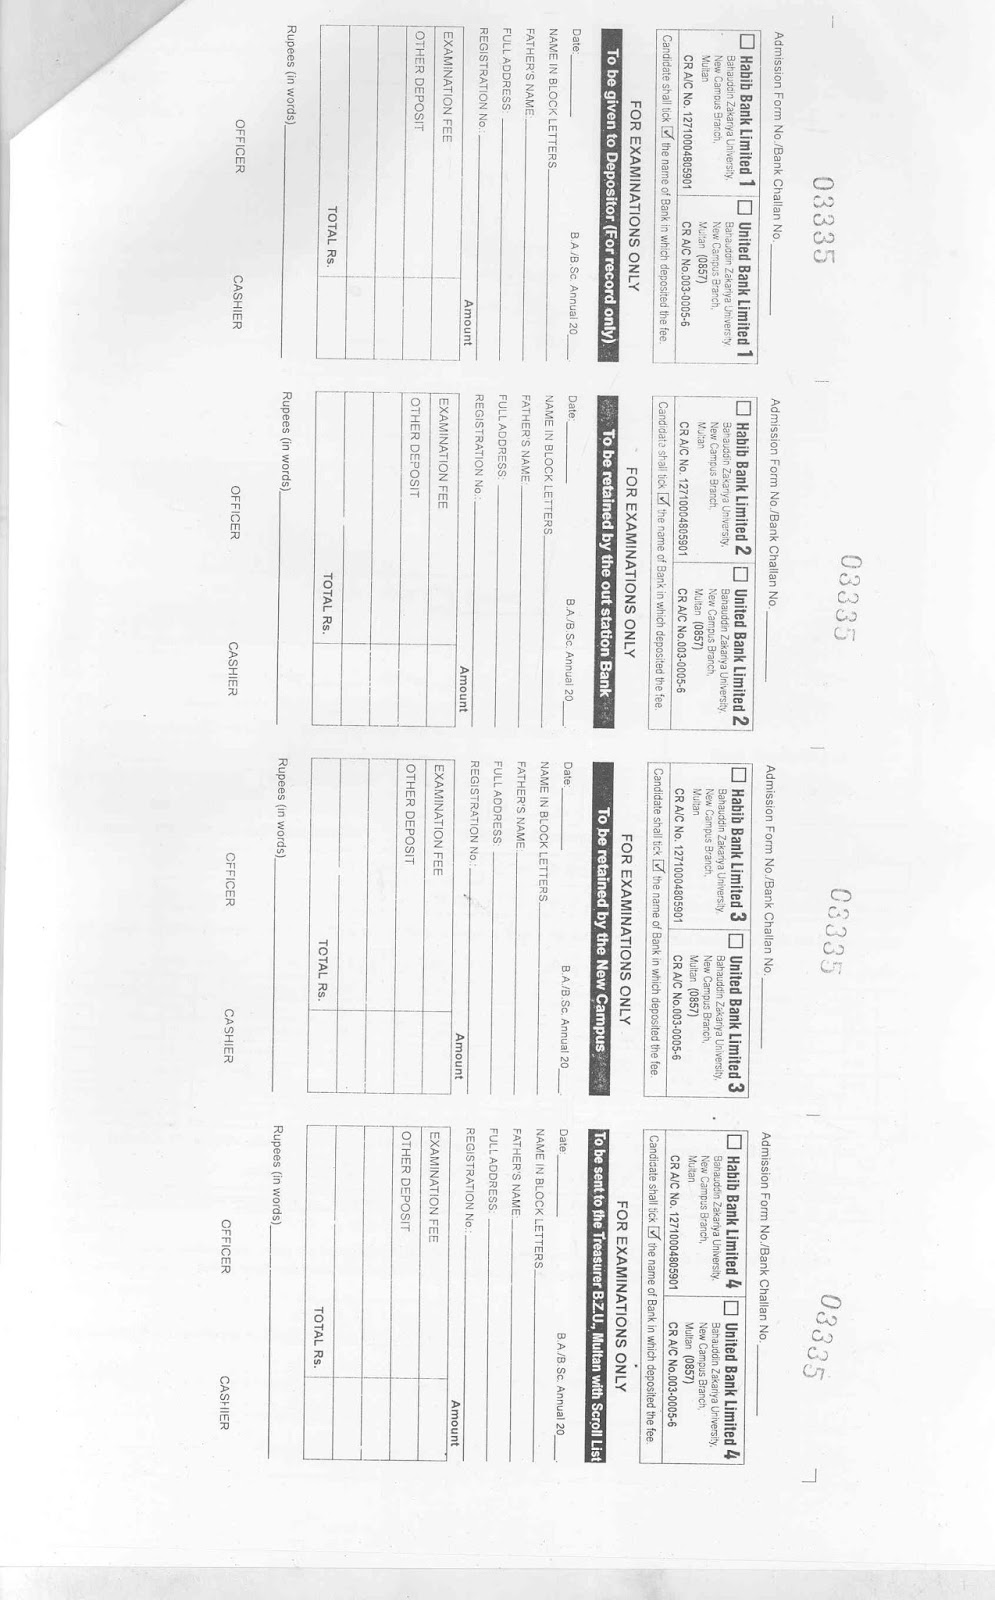 bzu multan admission 2013 form